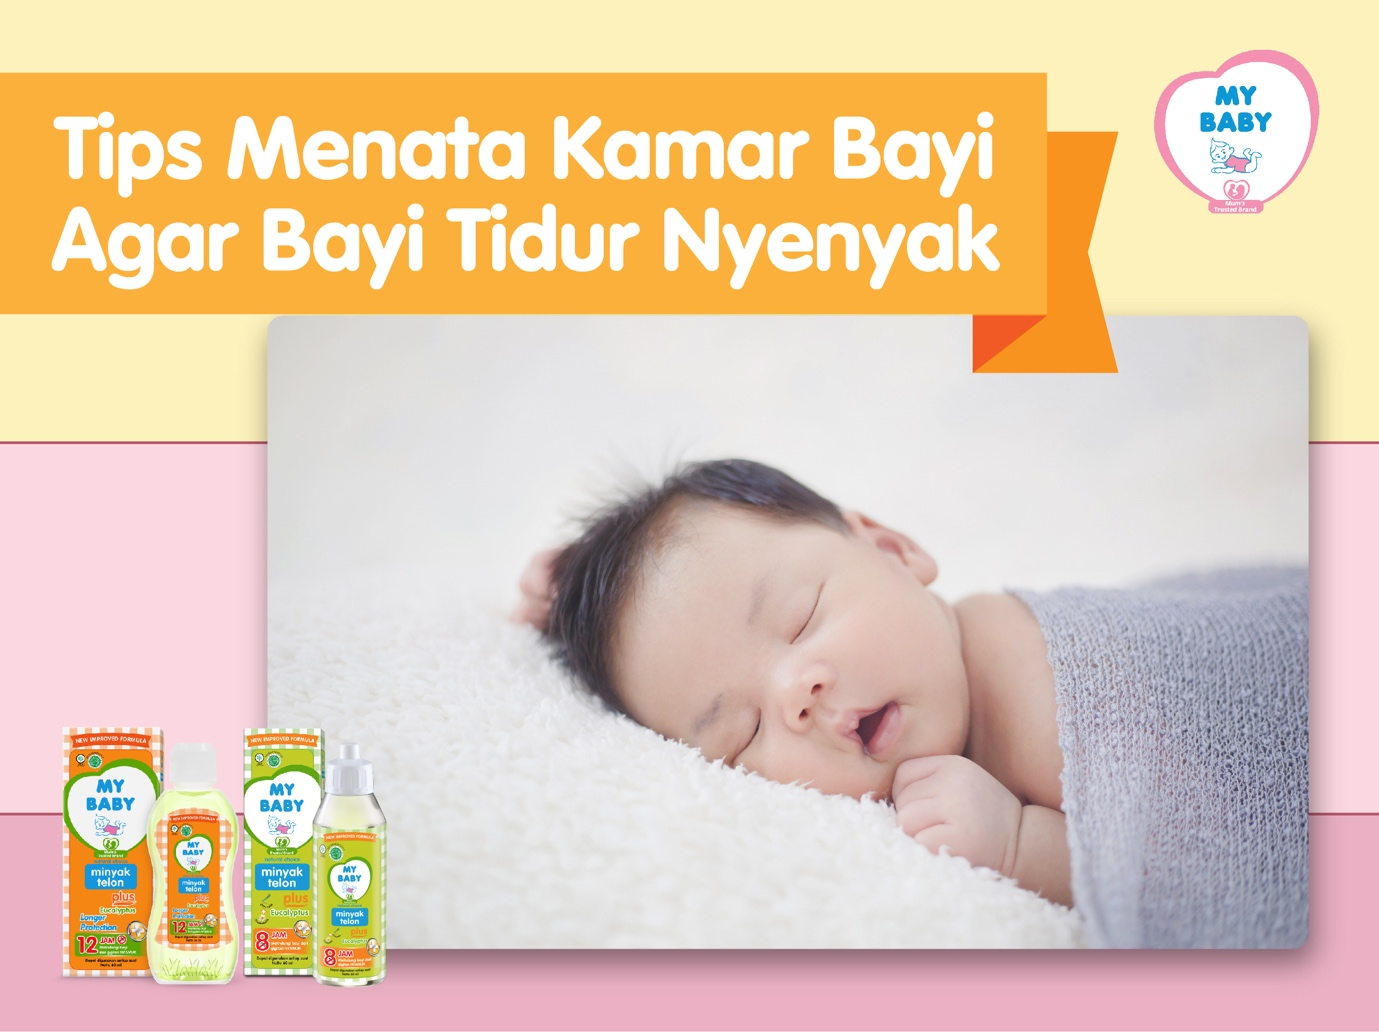 Tips Menata Kamar Bayi Agar Bayi Tidur Nyenyak